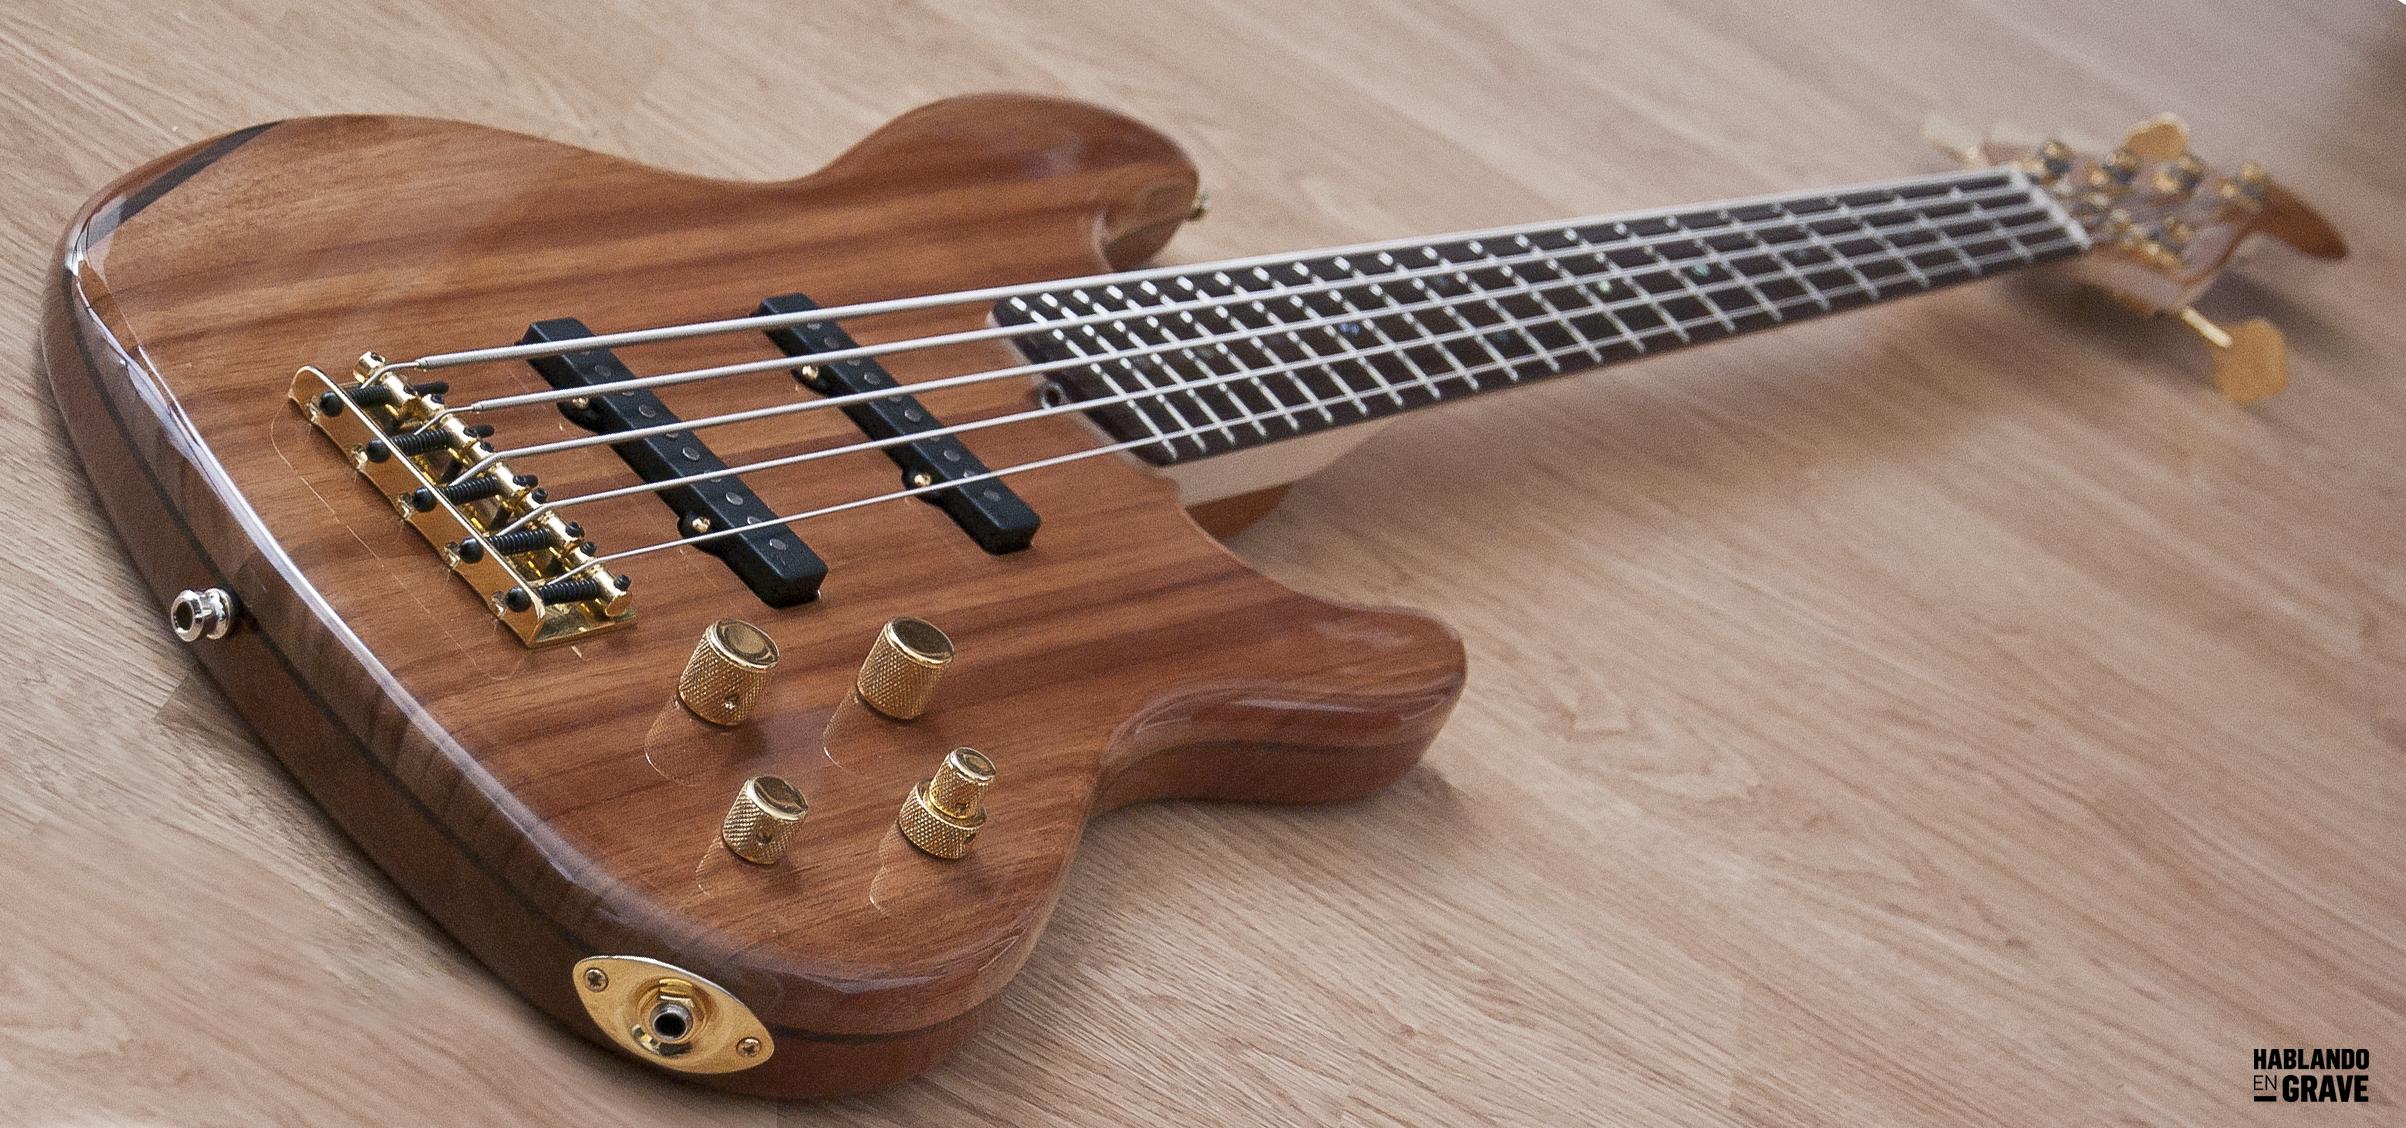 Circuito De Bajo Jazz Bass : Fender jazz bass victor bailey v signature hablando en grave